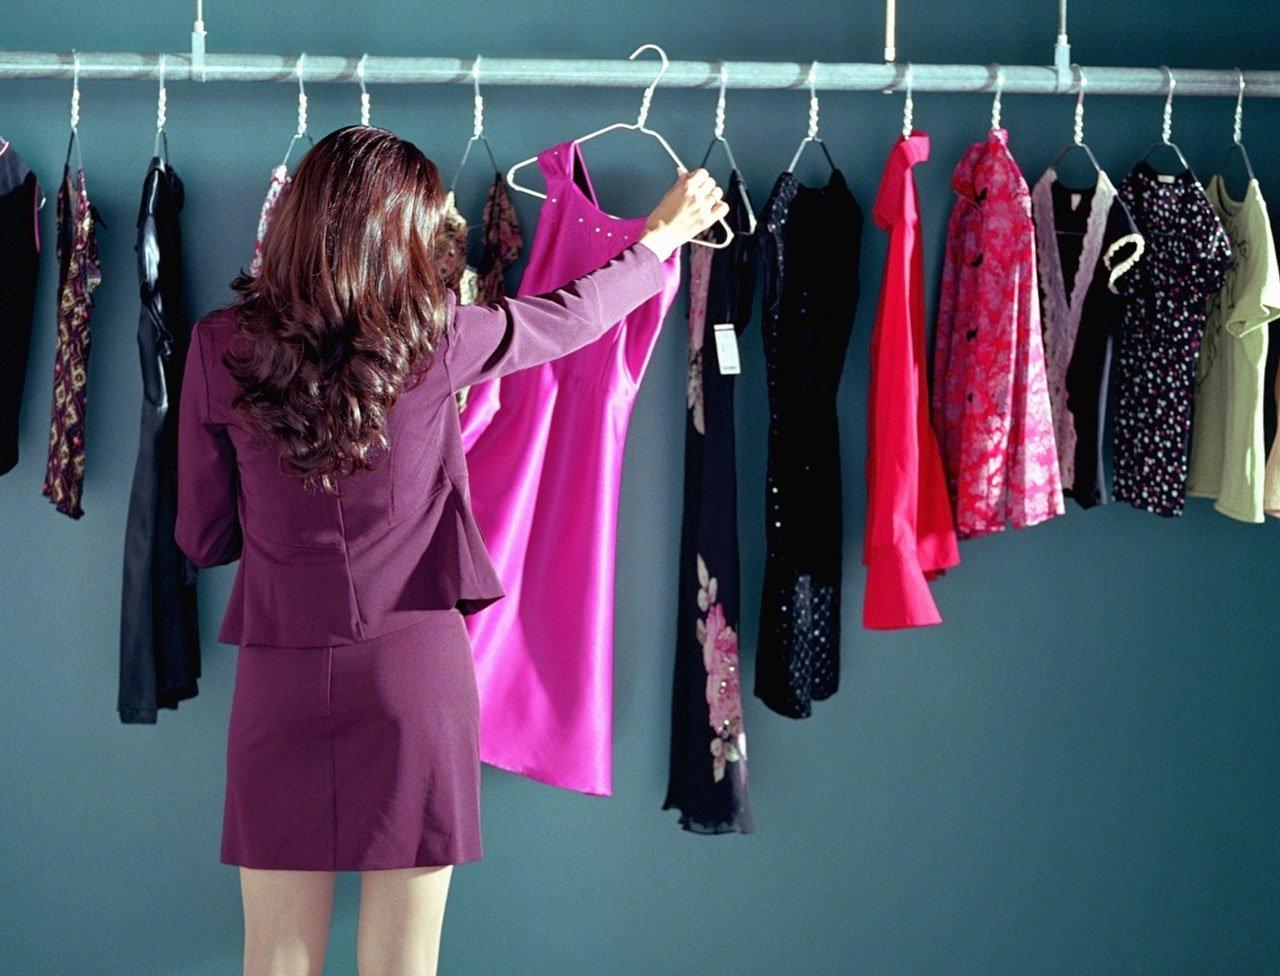 Картинка вещей одежды